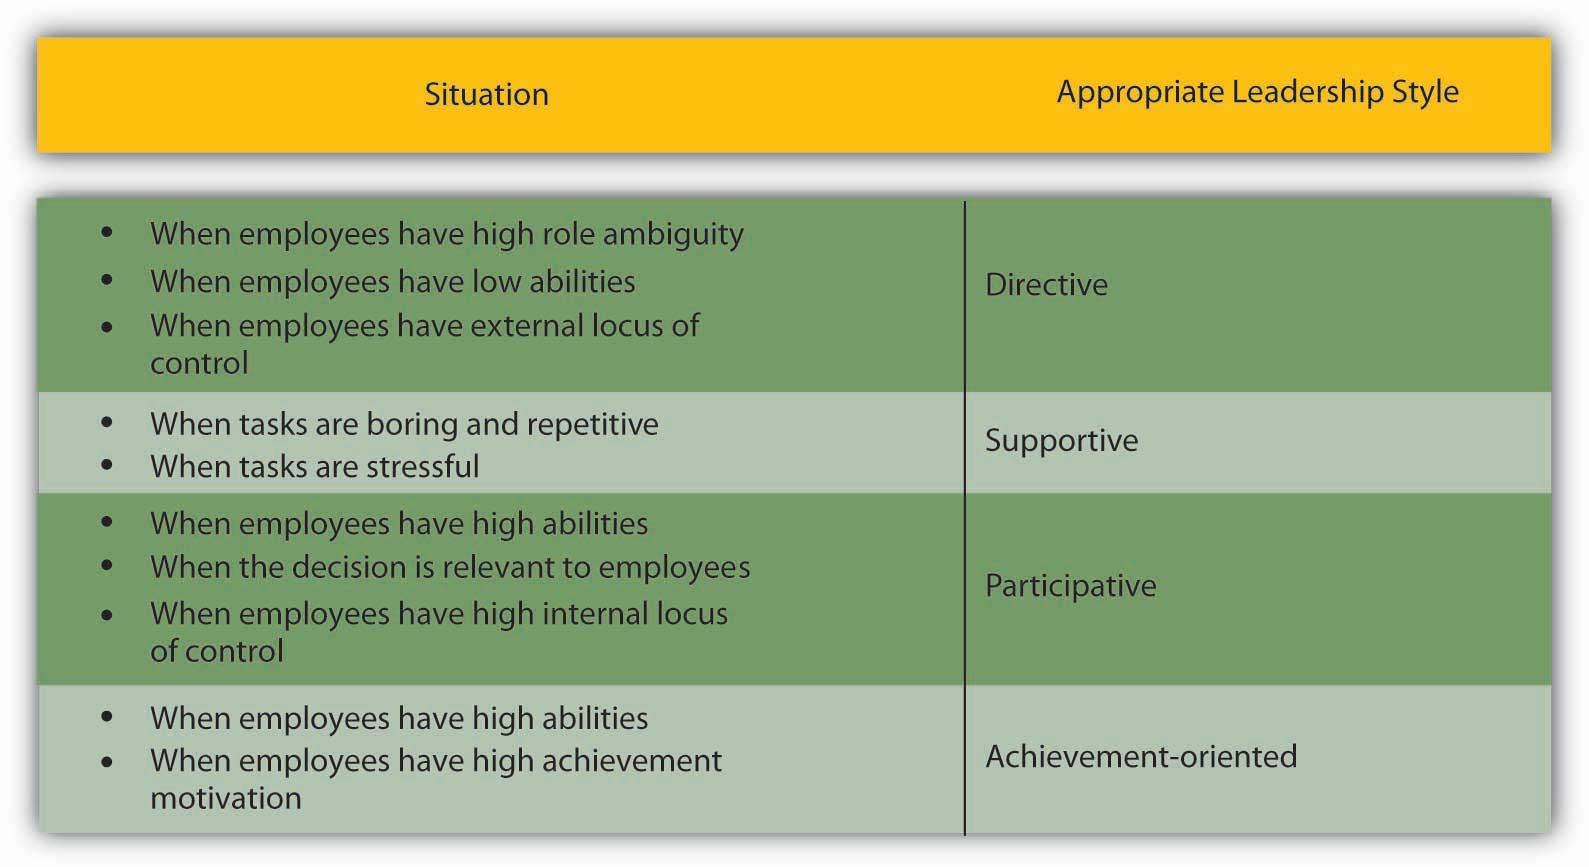 leadership style 7 essay